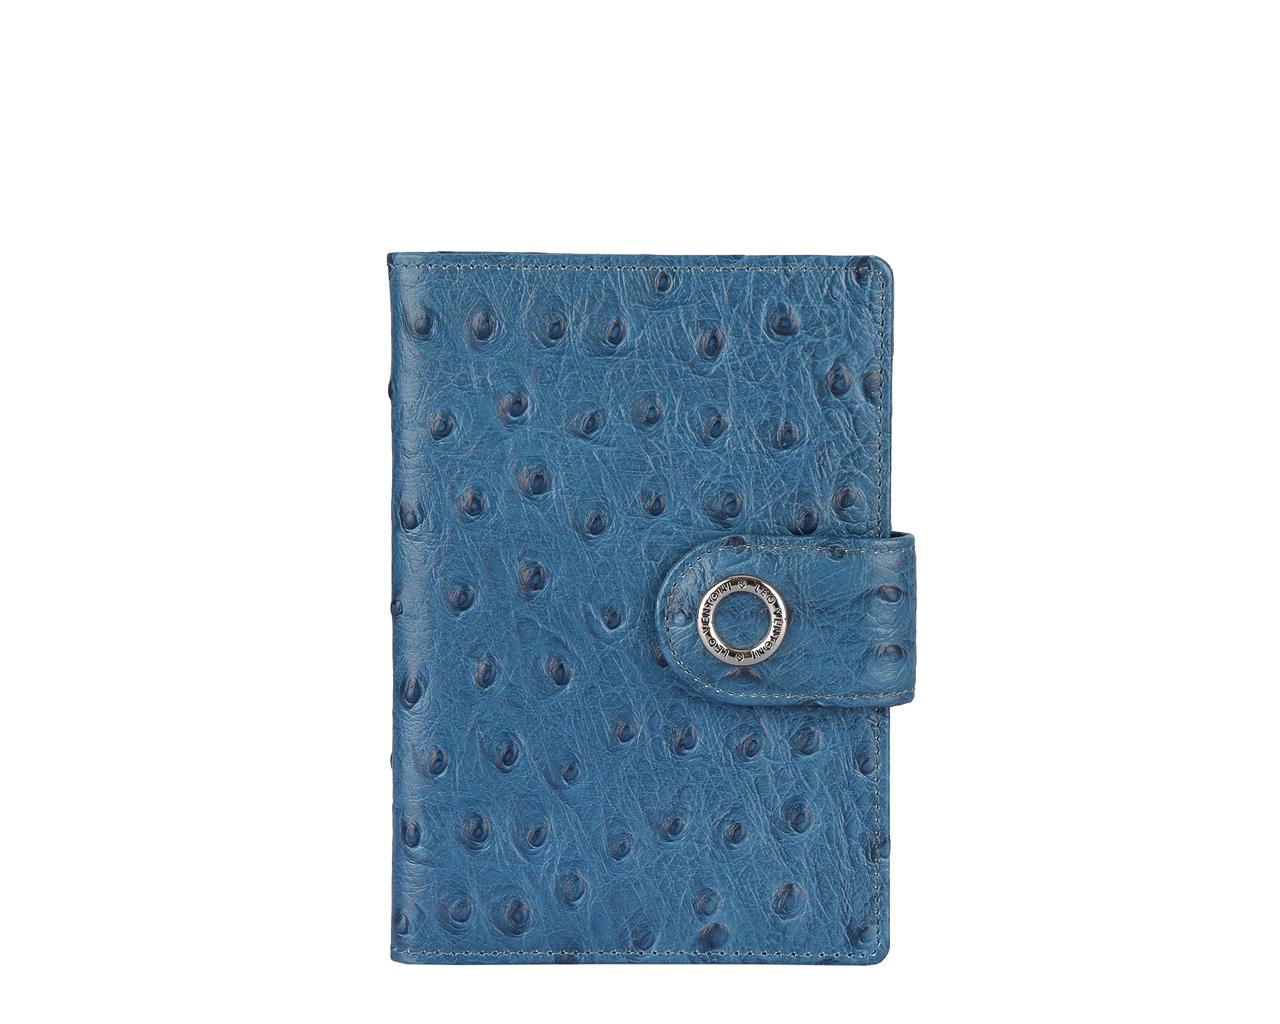 Обложка для паспорта женская Leo Ventoni, цвет: синий. L330414L330414-blueСтильная обложка для паспорта Leo Ventoni выполнена из натуральной кожи с декоративным тиснением под кожу страуса, дополнена металлической фурнитурой с символикой бренда. Изделие раскладывается пополам и закрывается хлястиком на кнопку. Внутри размещены два накладных кармана для паспорта и четыре кармана для кредитных карт. Изделие поставляется в фирменной упаковке. Оригинальная обложка для документов Leo Ventoni станет отличным подарком для человека, ценящего качественные и практичные вещи.